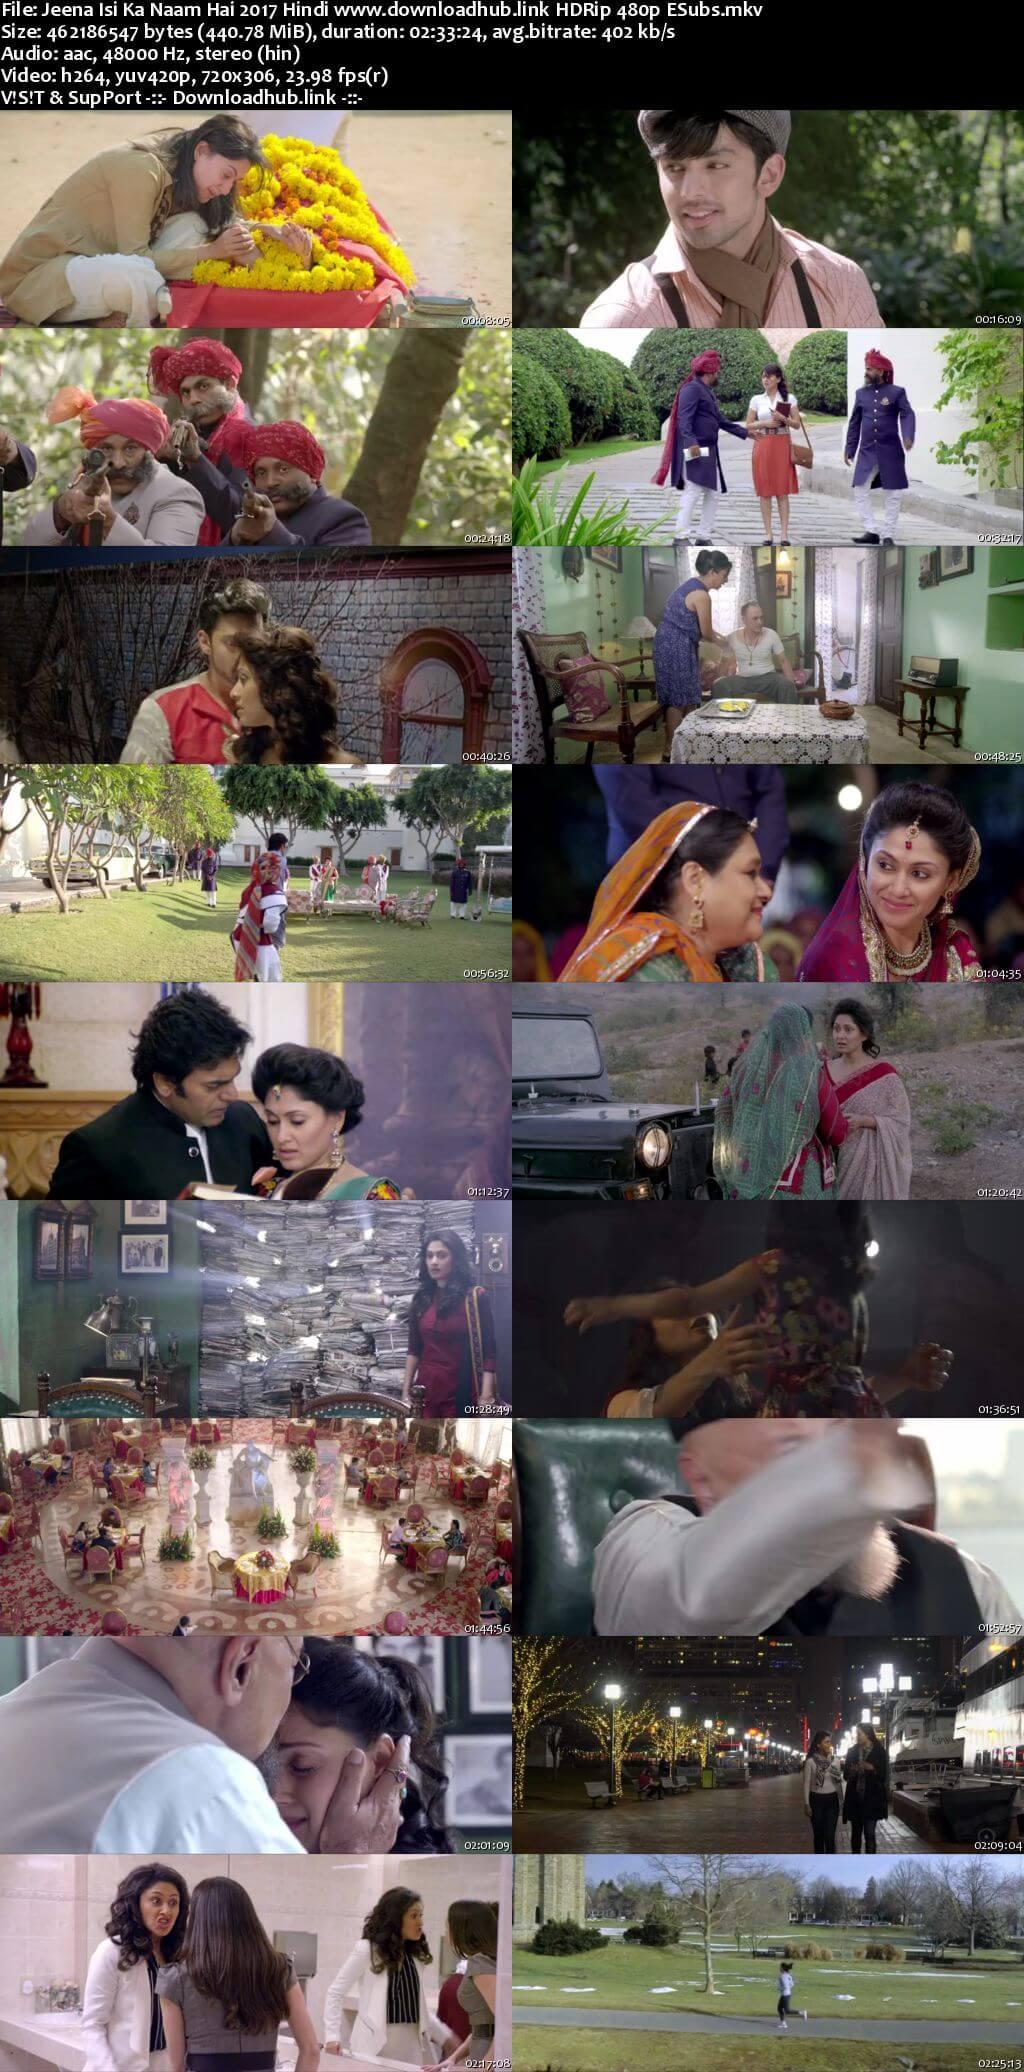 Jeena Isi Ka Naam Hai 2017 Hindi 450MB HDRip 480p ESubs